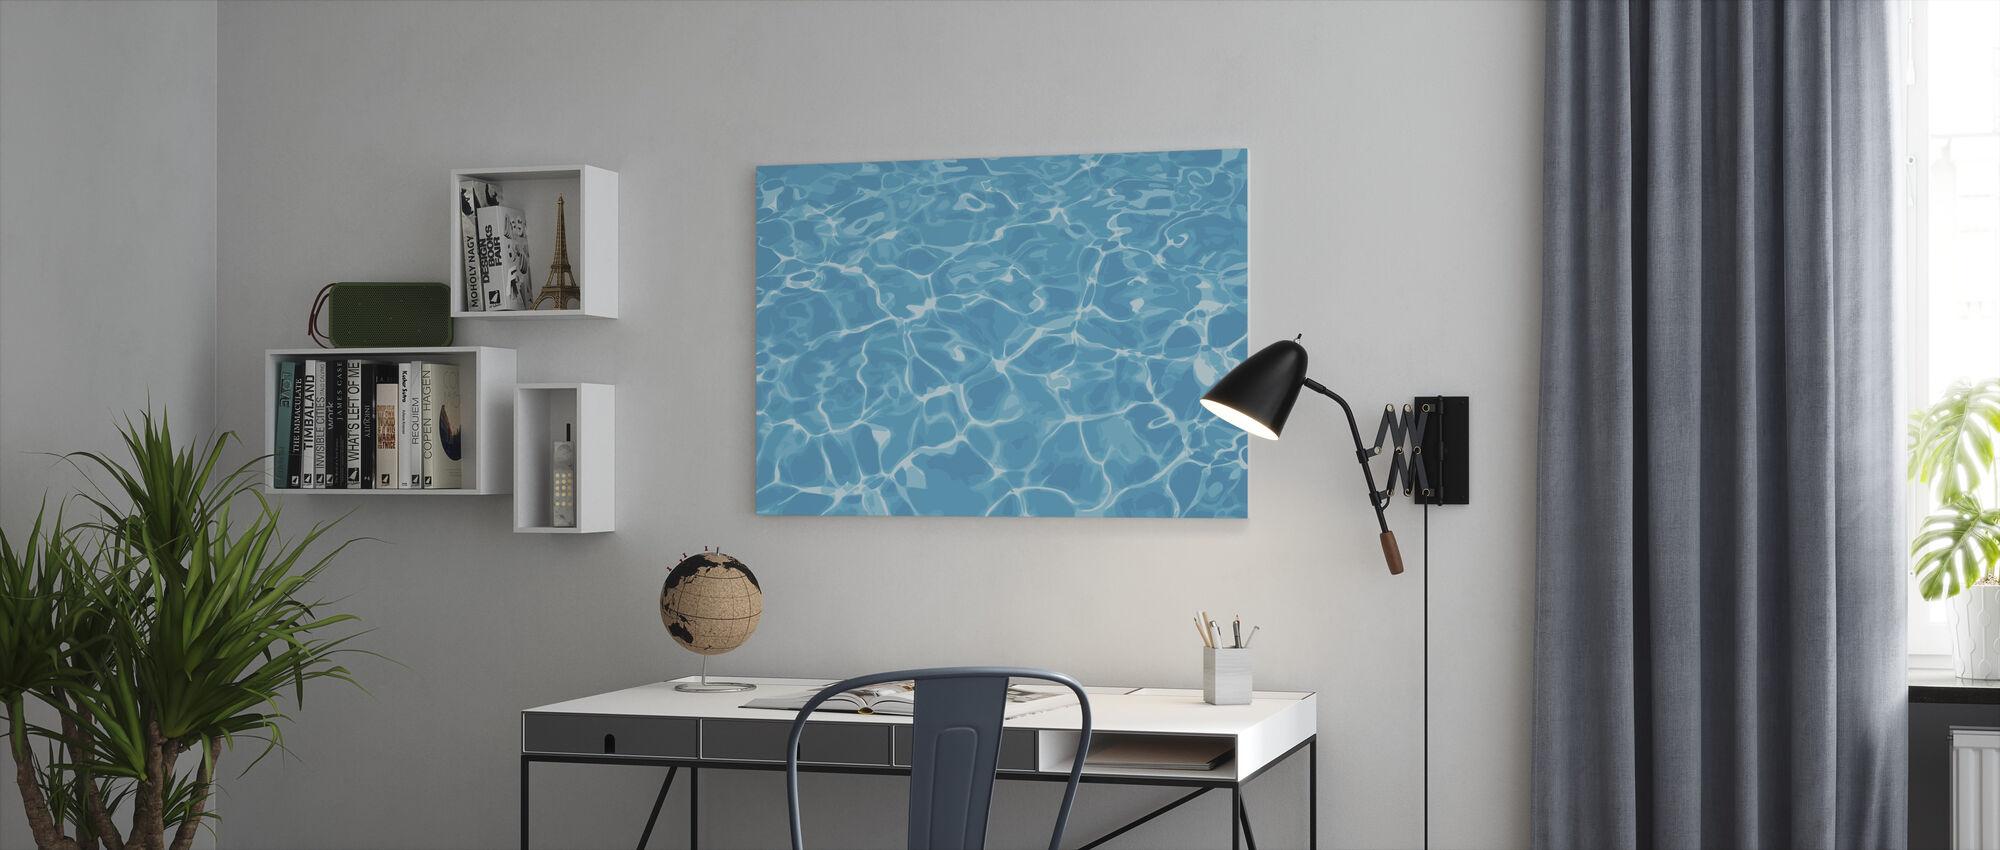 Refleksjon i vann - Lerretsbilde - Kontor